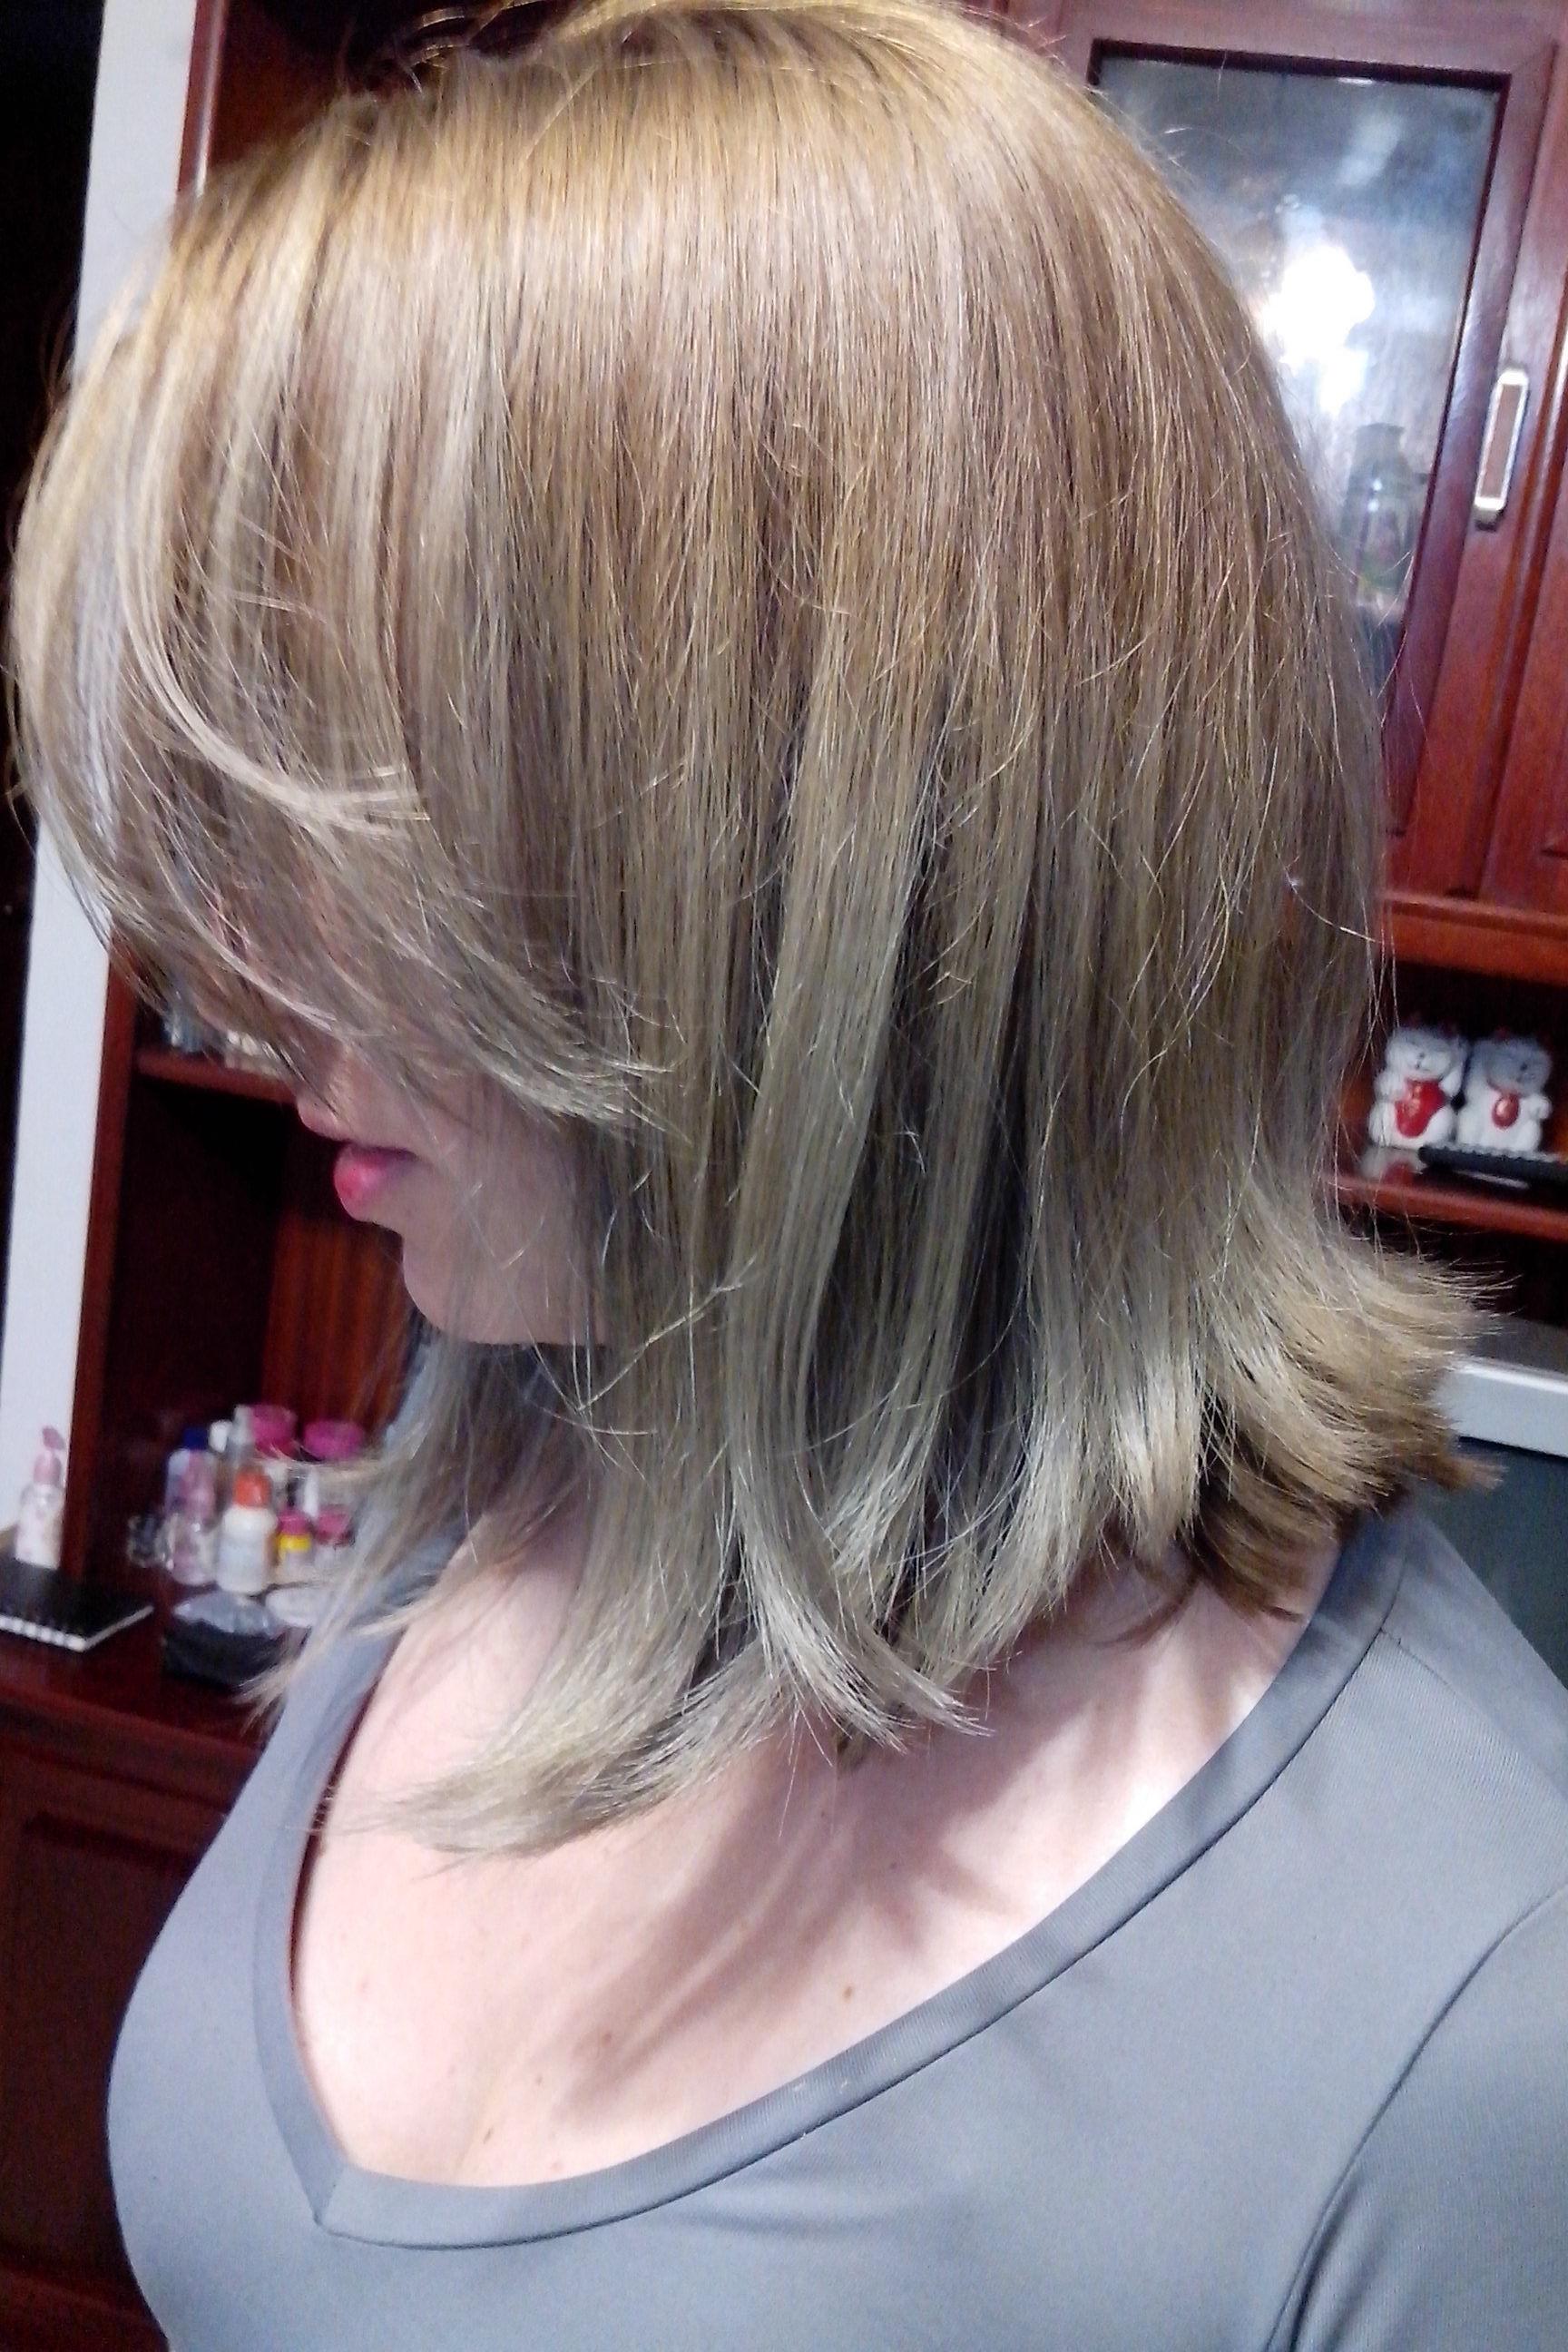 Corte e escova cabeleireiro(a) auxiliar cabeleireiro(a) maquiador(a) manicure e pedicure designer de sobrancelhas